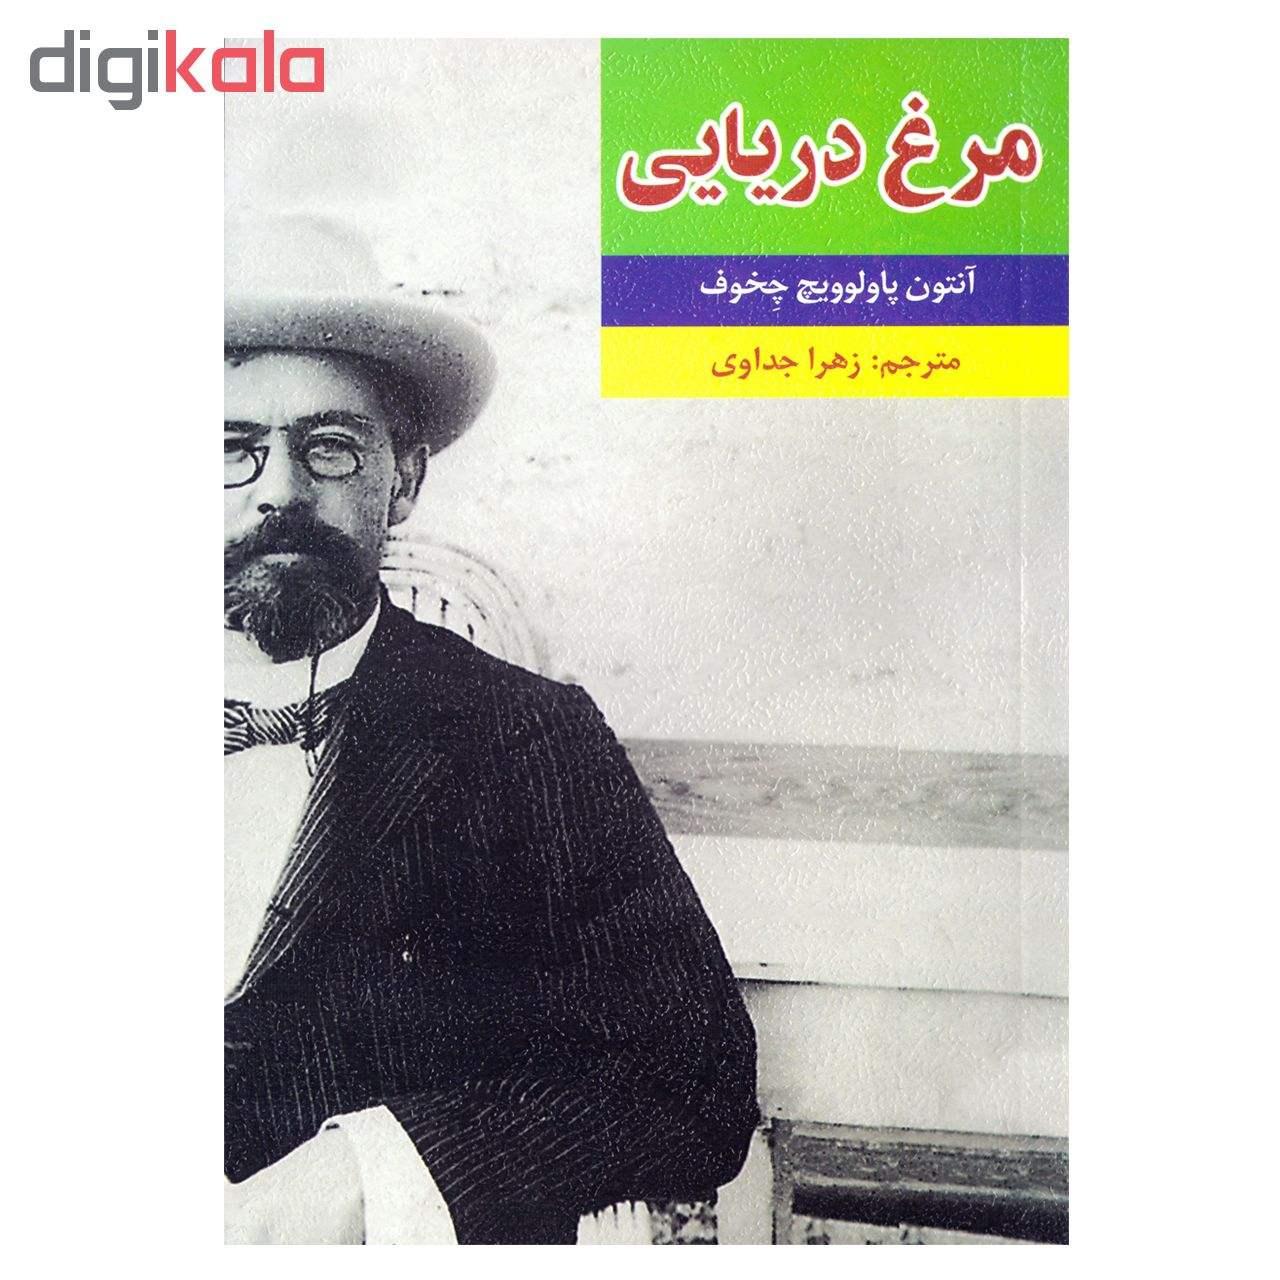 کتاب مرغ دریایی اثر آنتوان چخوف نشر آستان مهر main 1 1